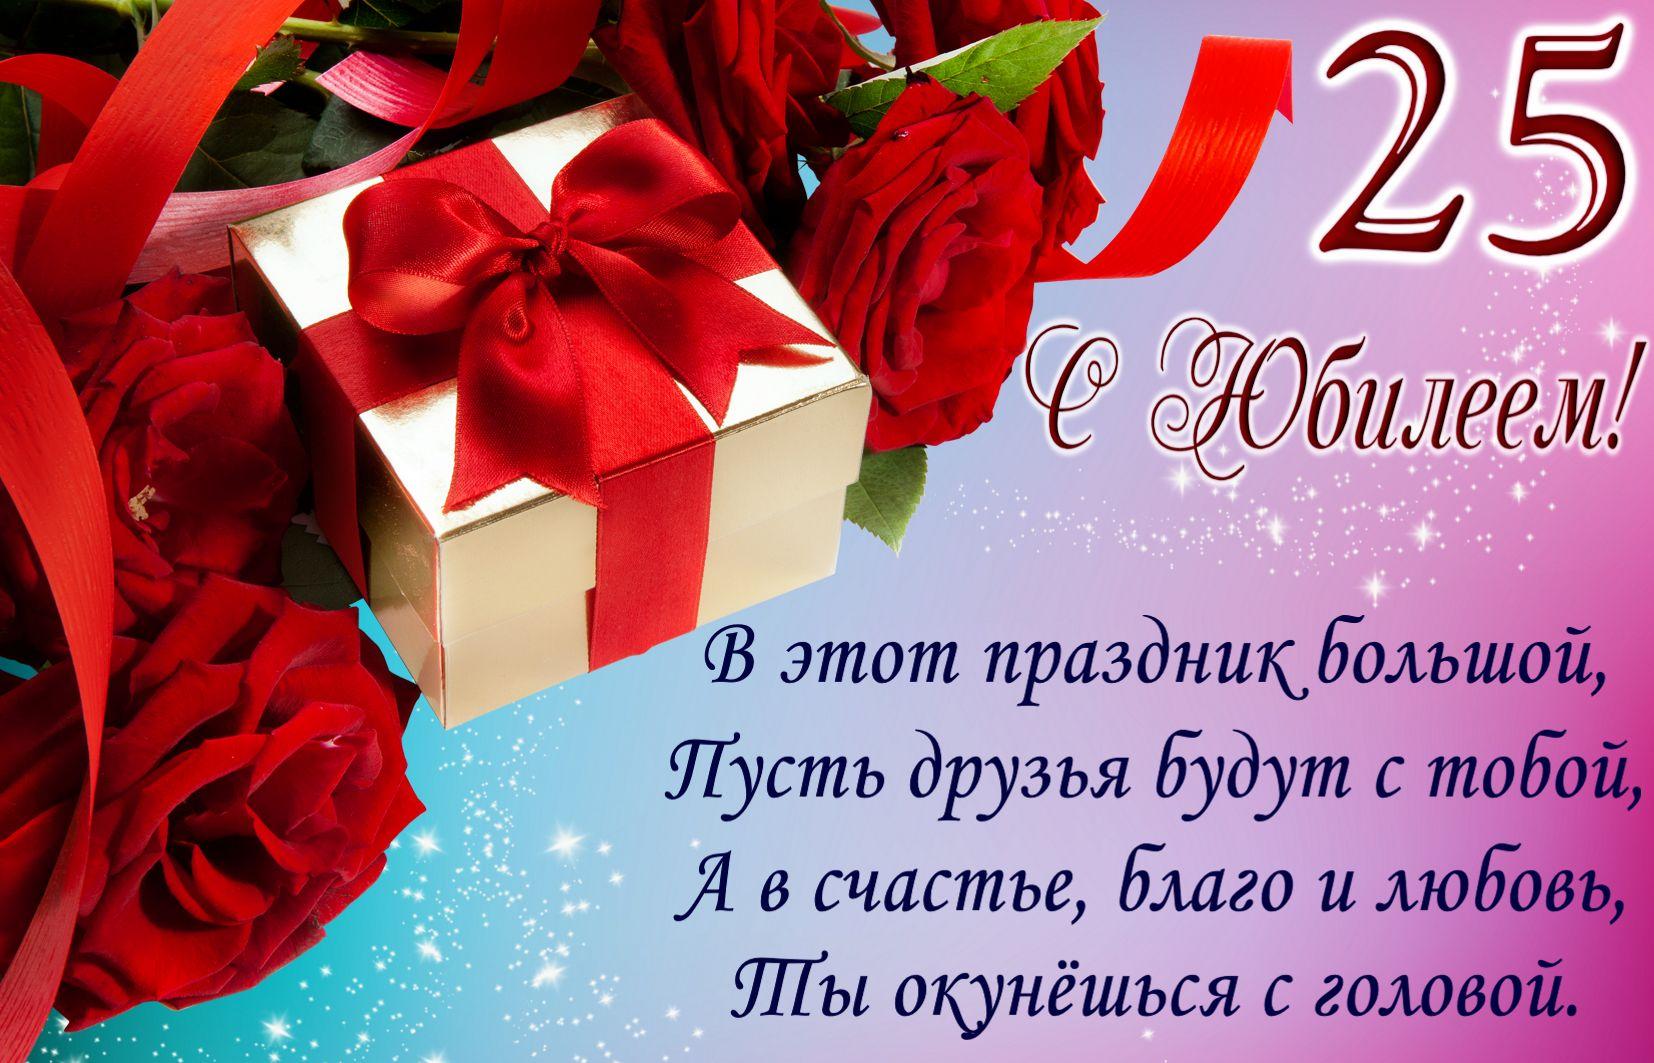 Поздравления на юбилеи 25 лет короткие